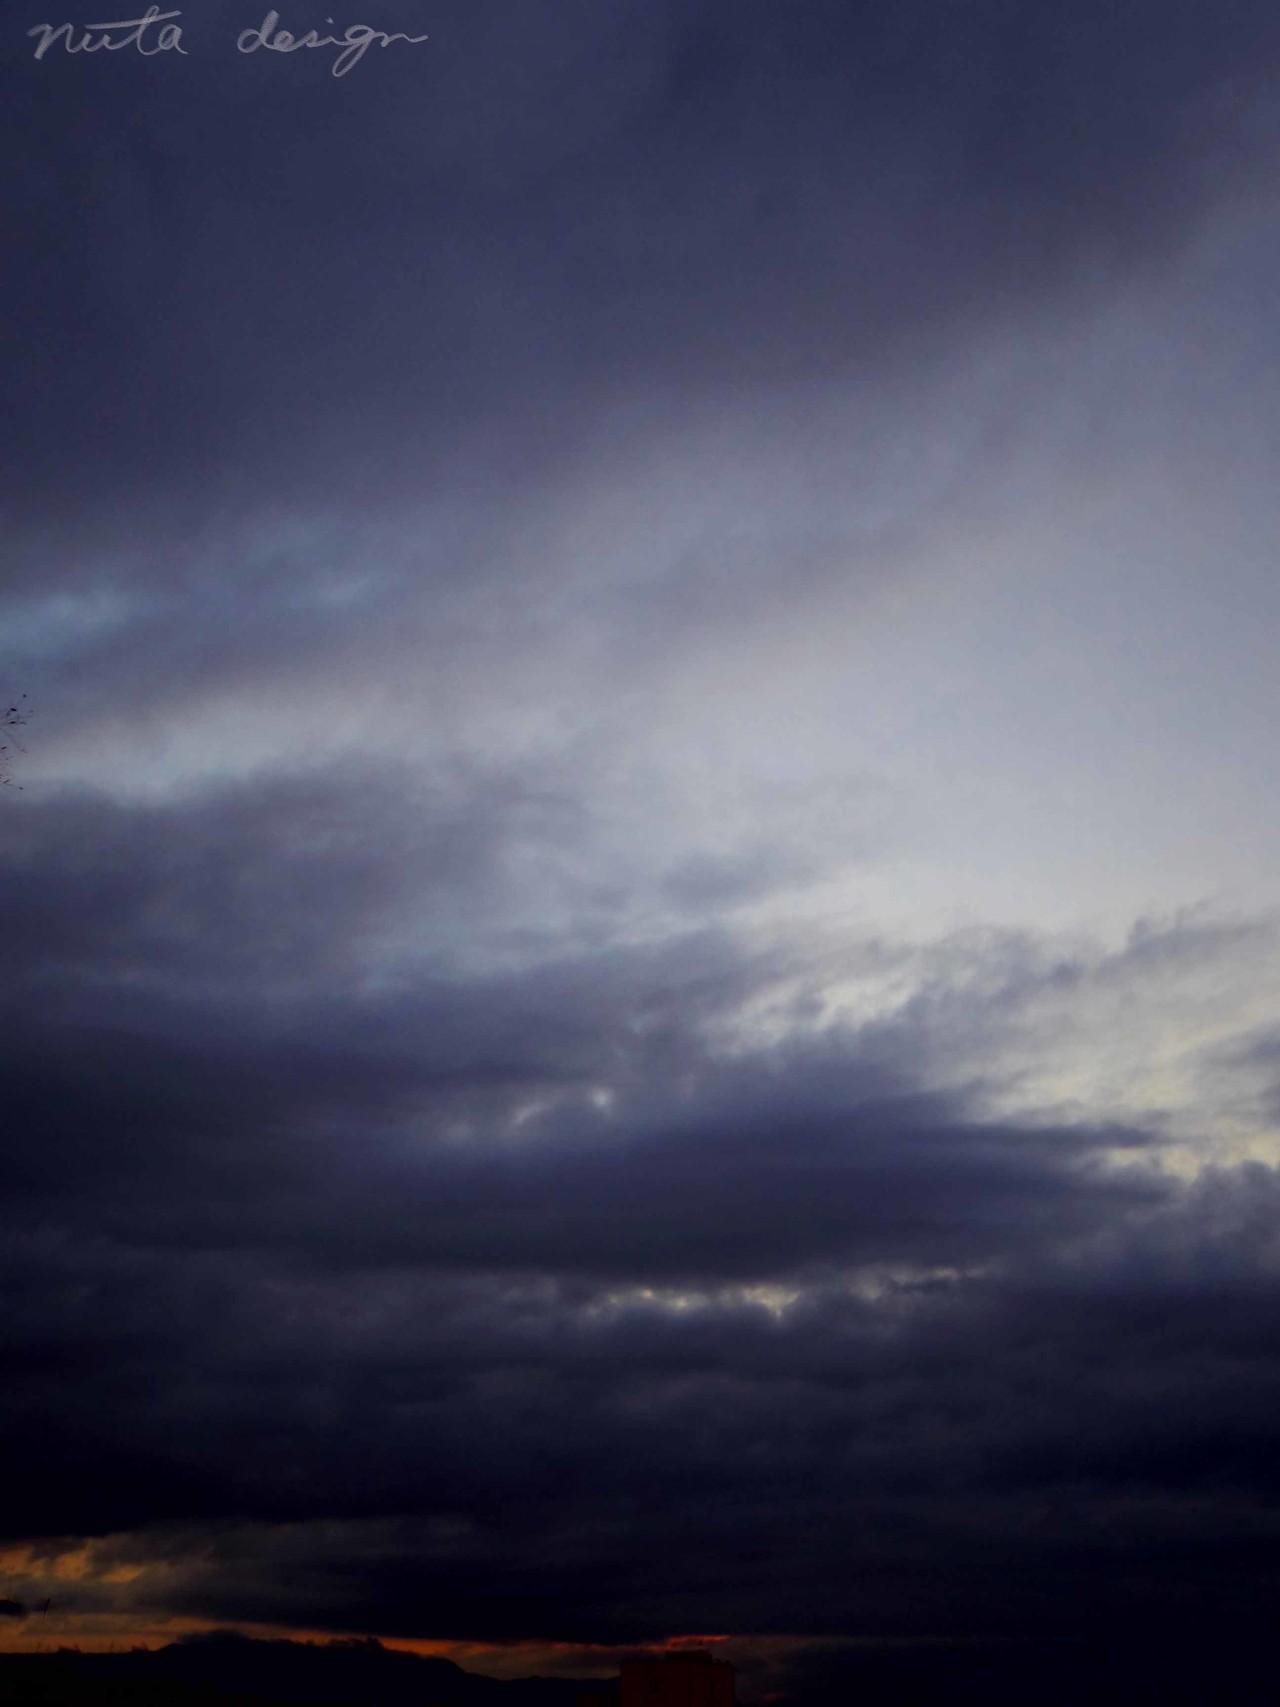 雨の一日。身体の芯まで染み透るような寒さ、実際の気温とは連動していないのだけど